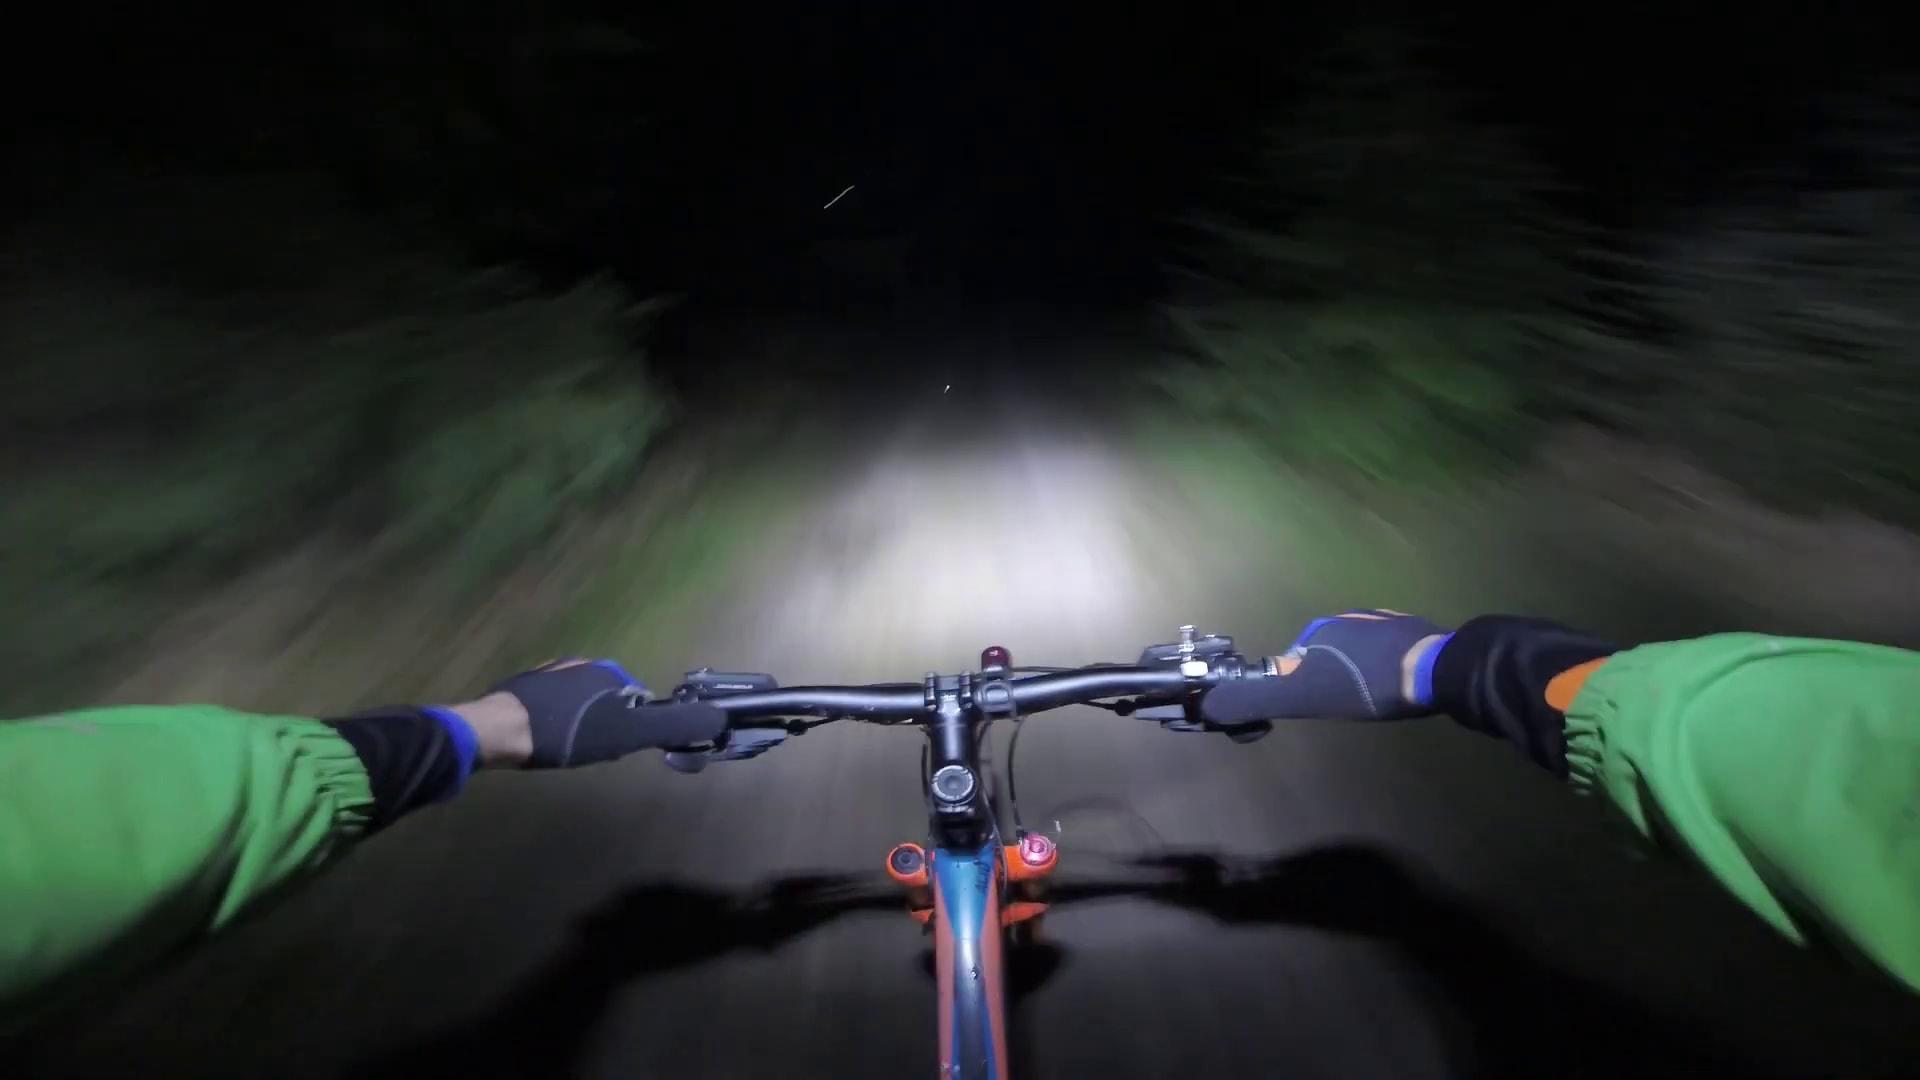 lloyd scott downhill by night